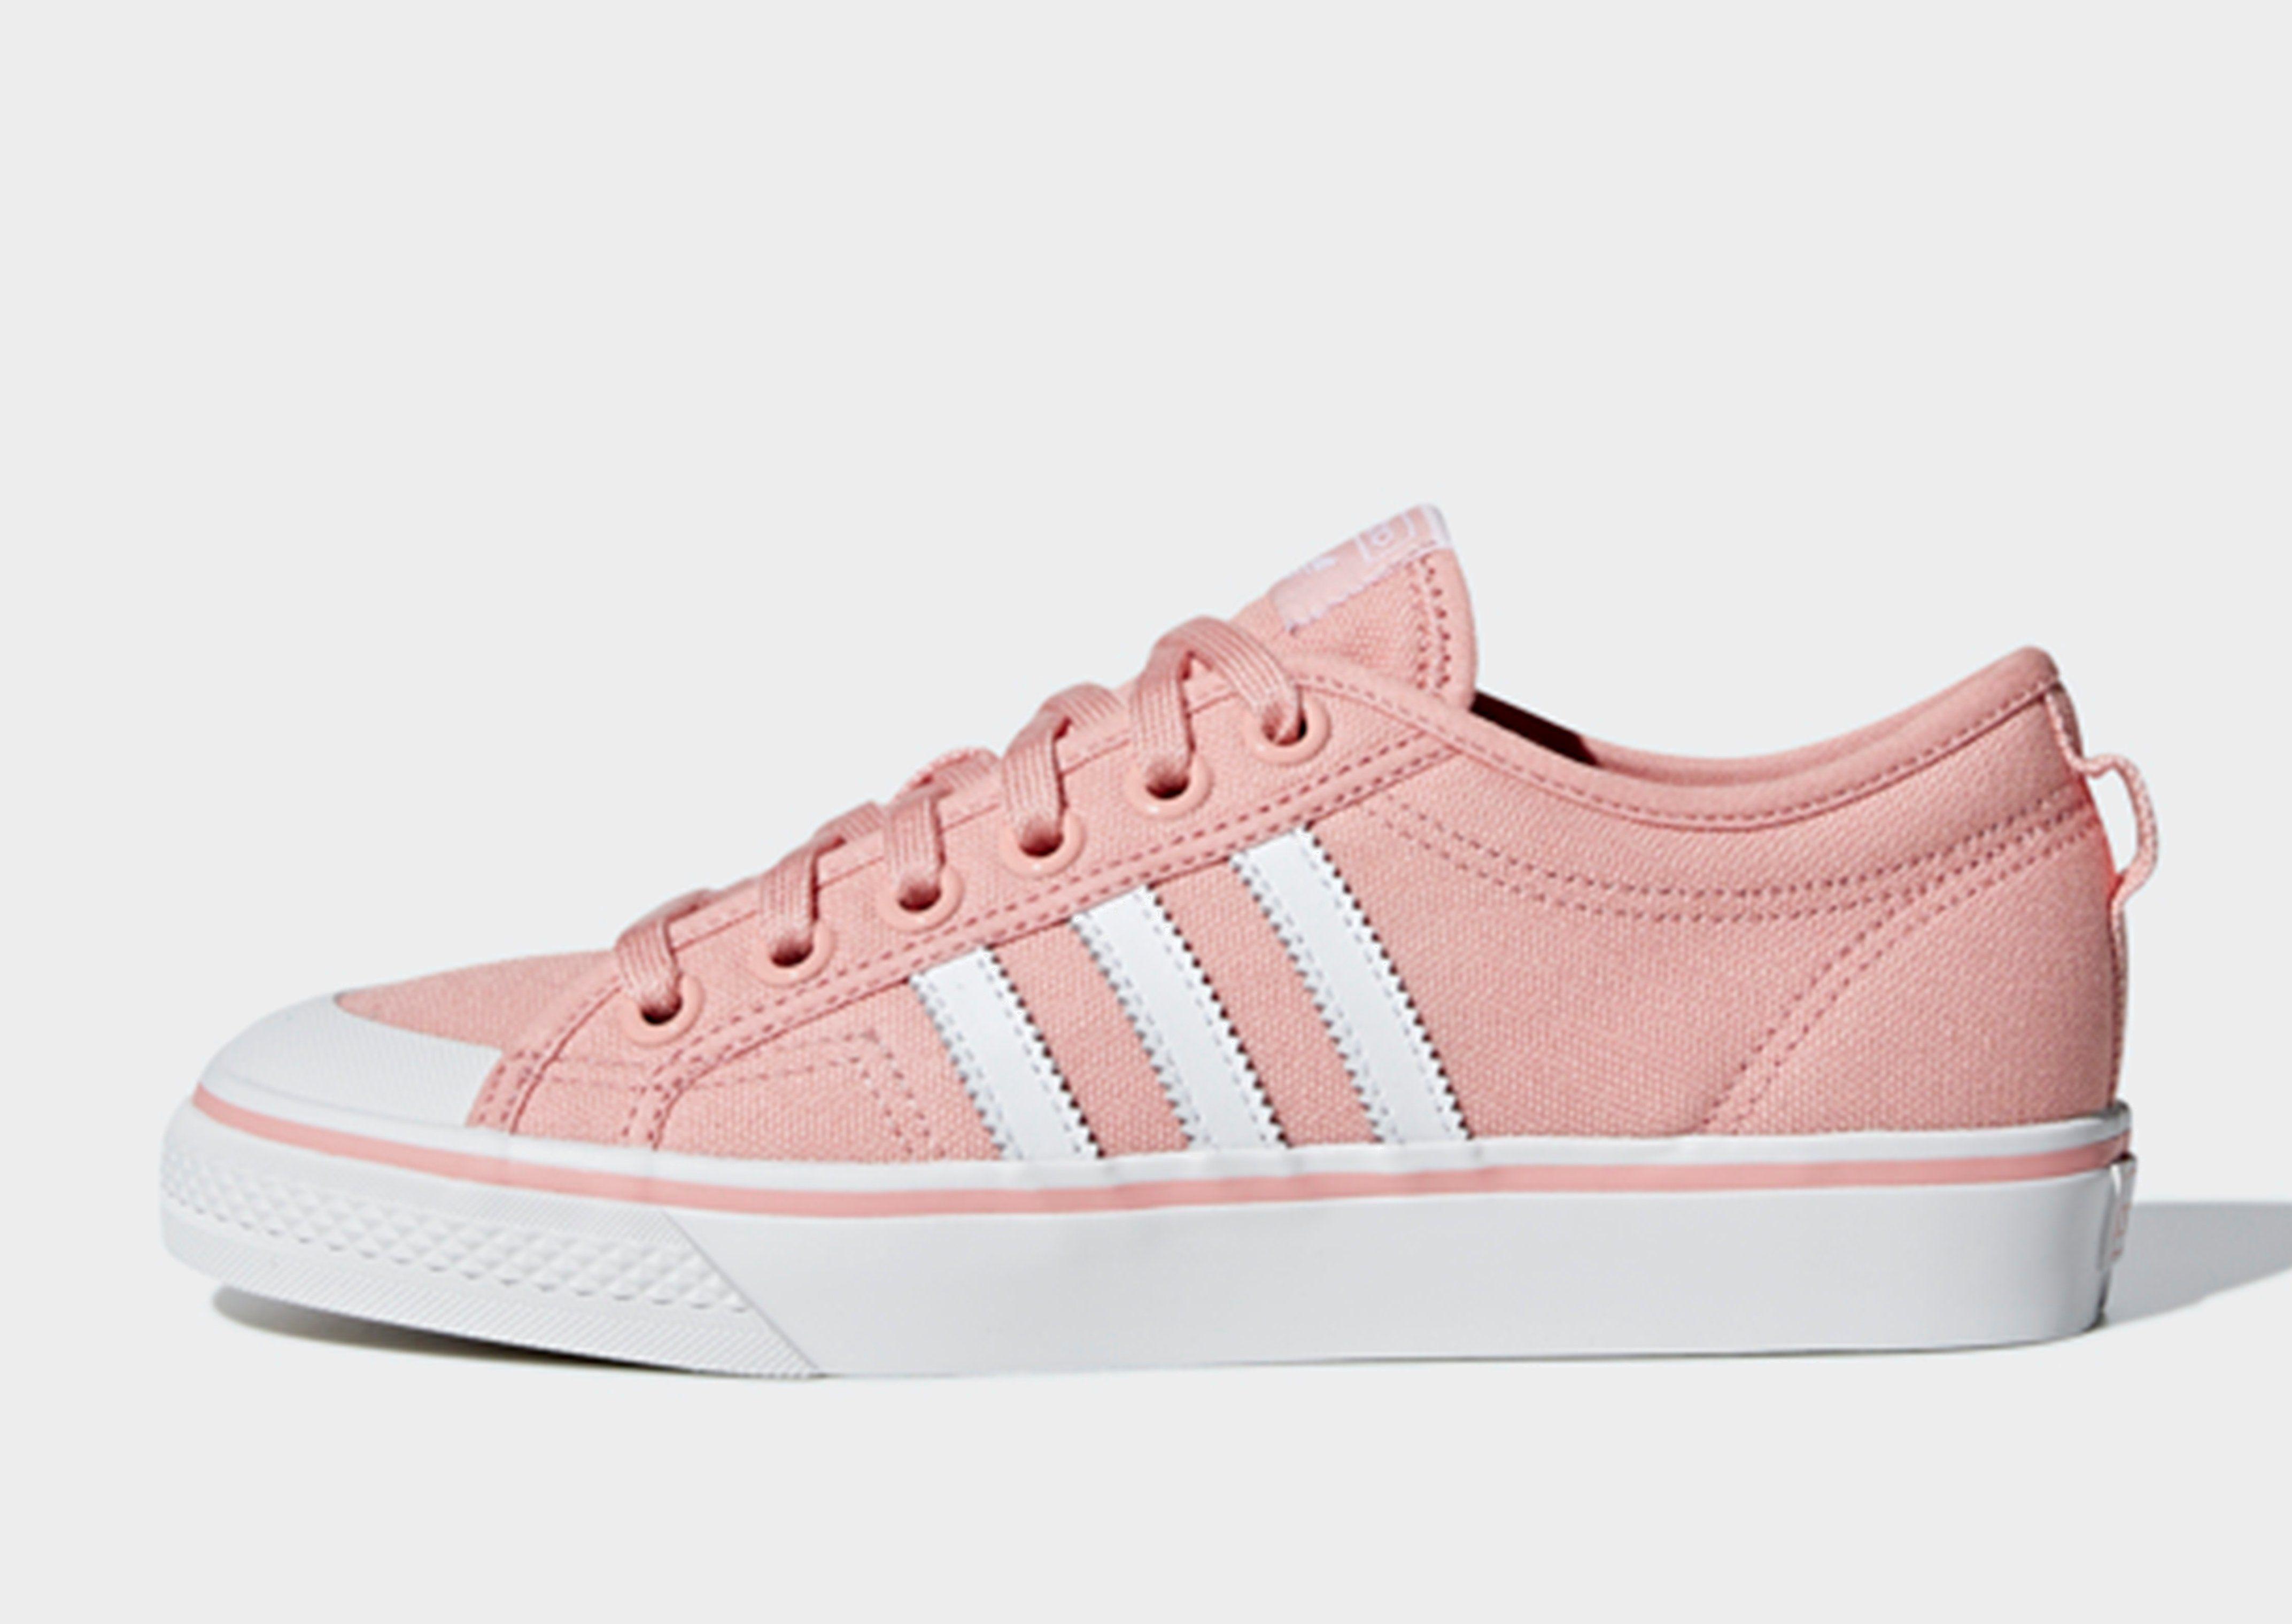 1ba8c7b7f70a ADIDAS Nizza Shoes